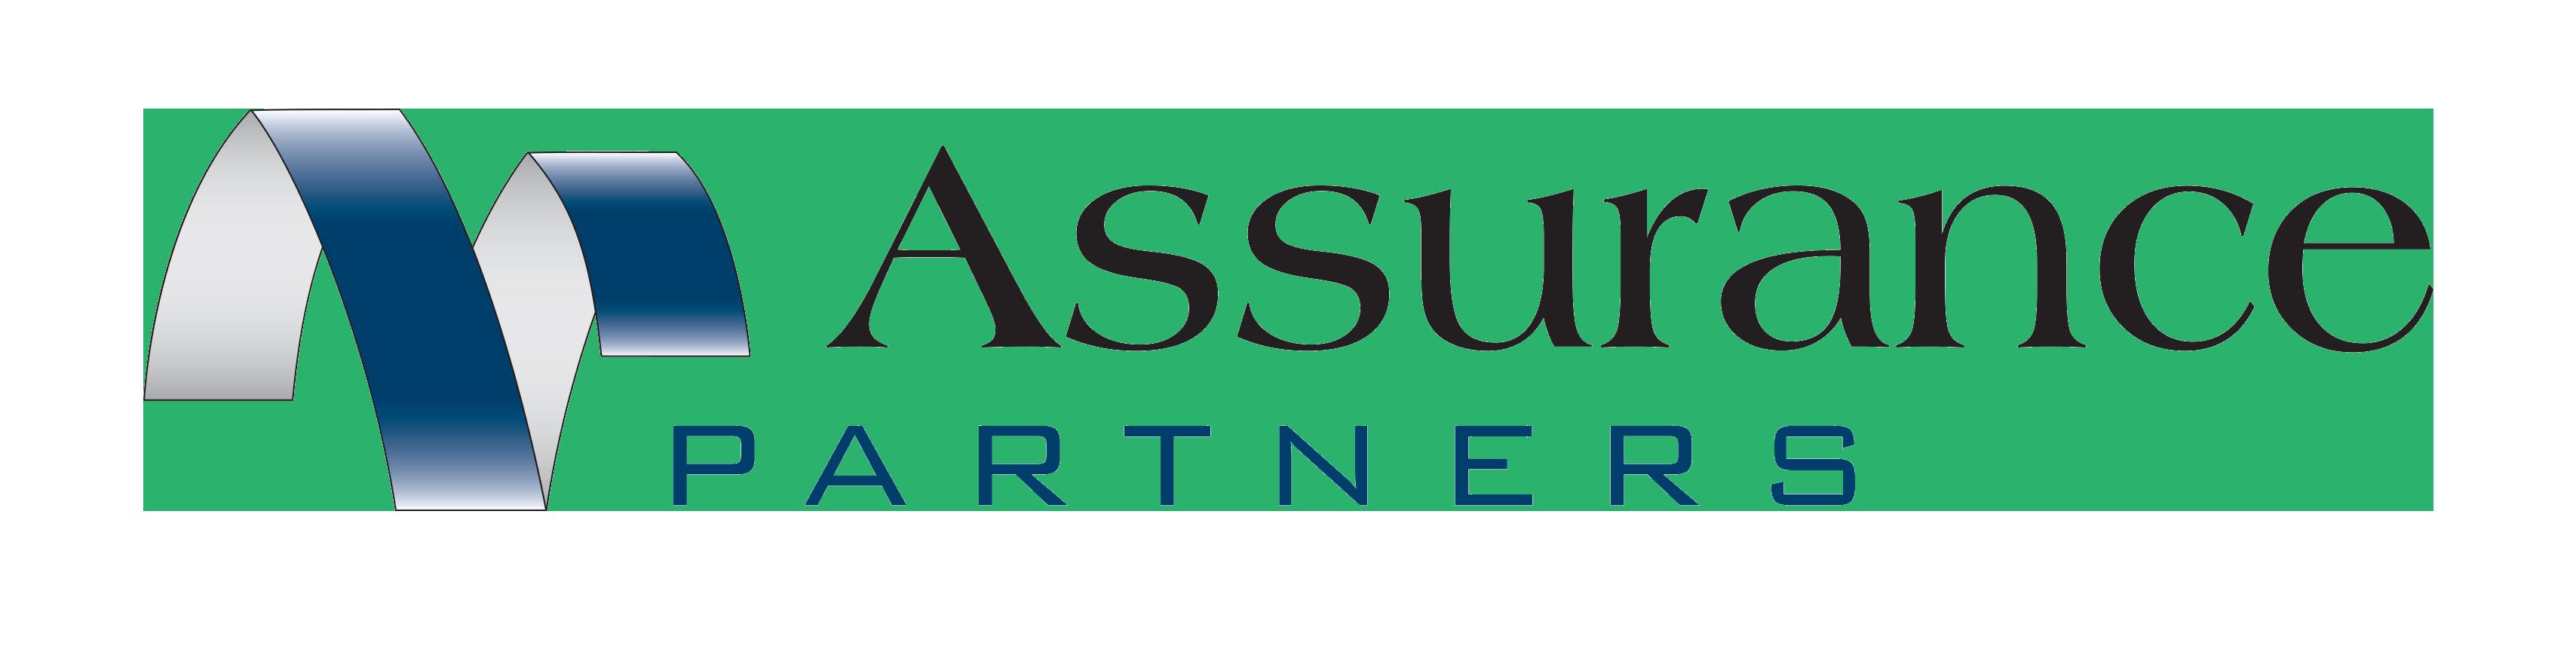 Assurance Partners